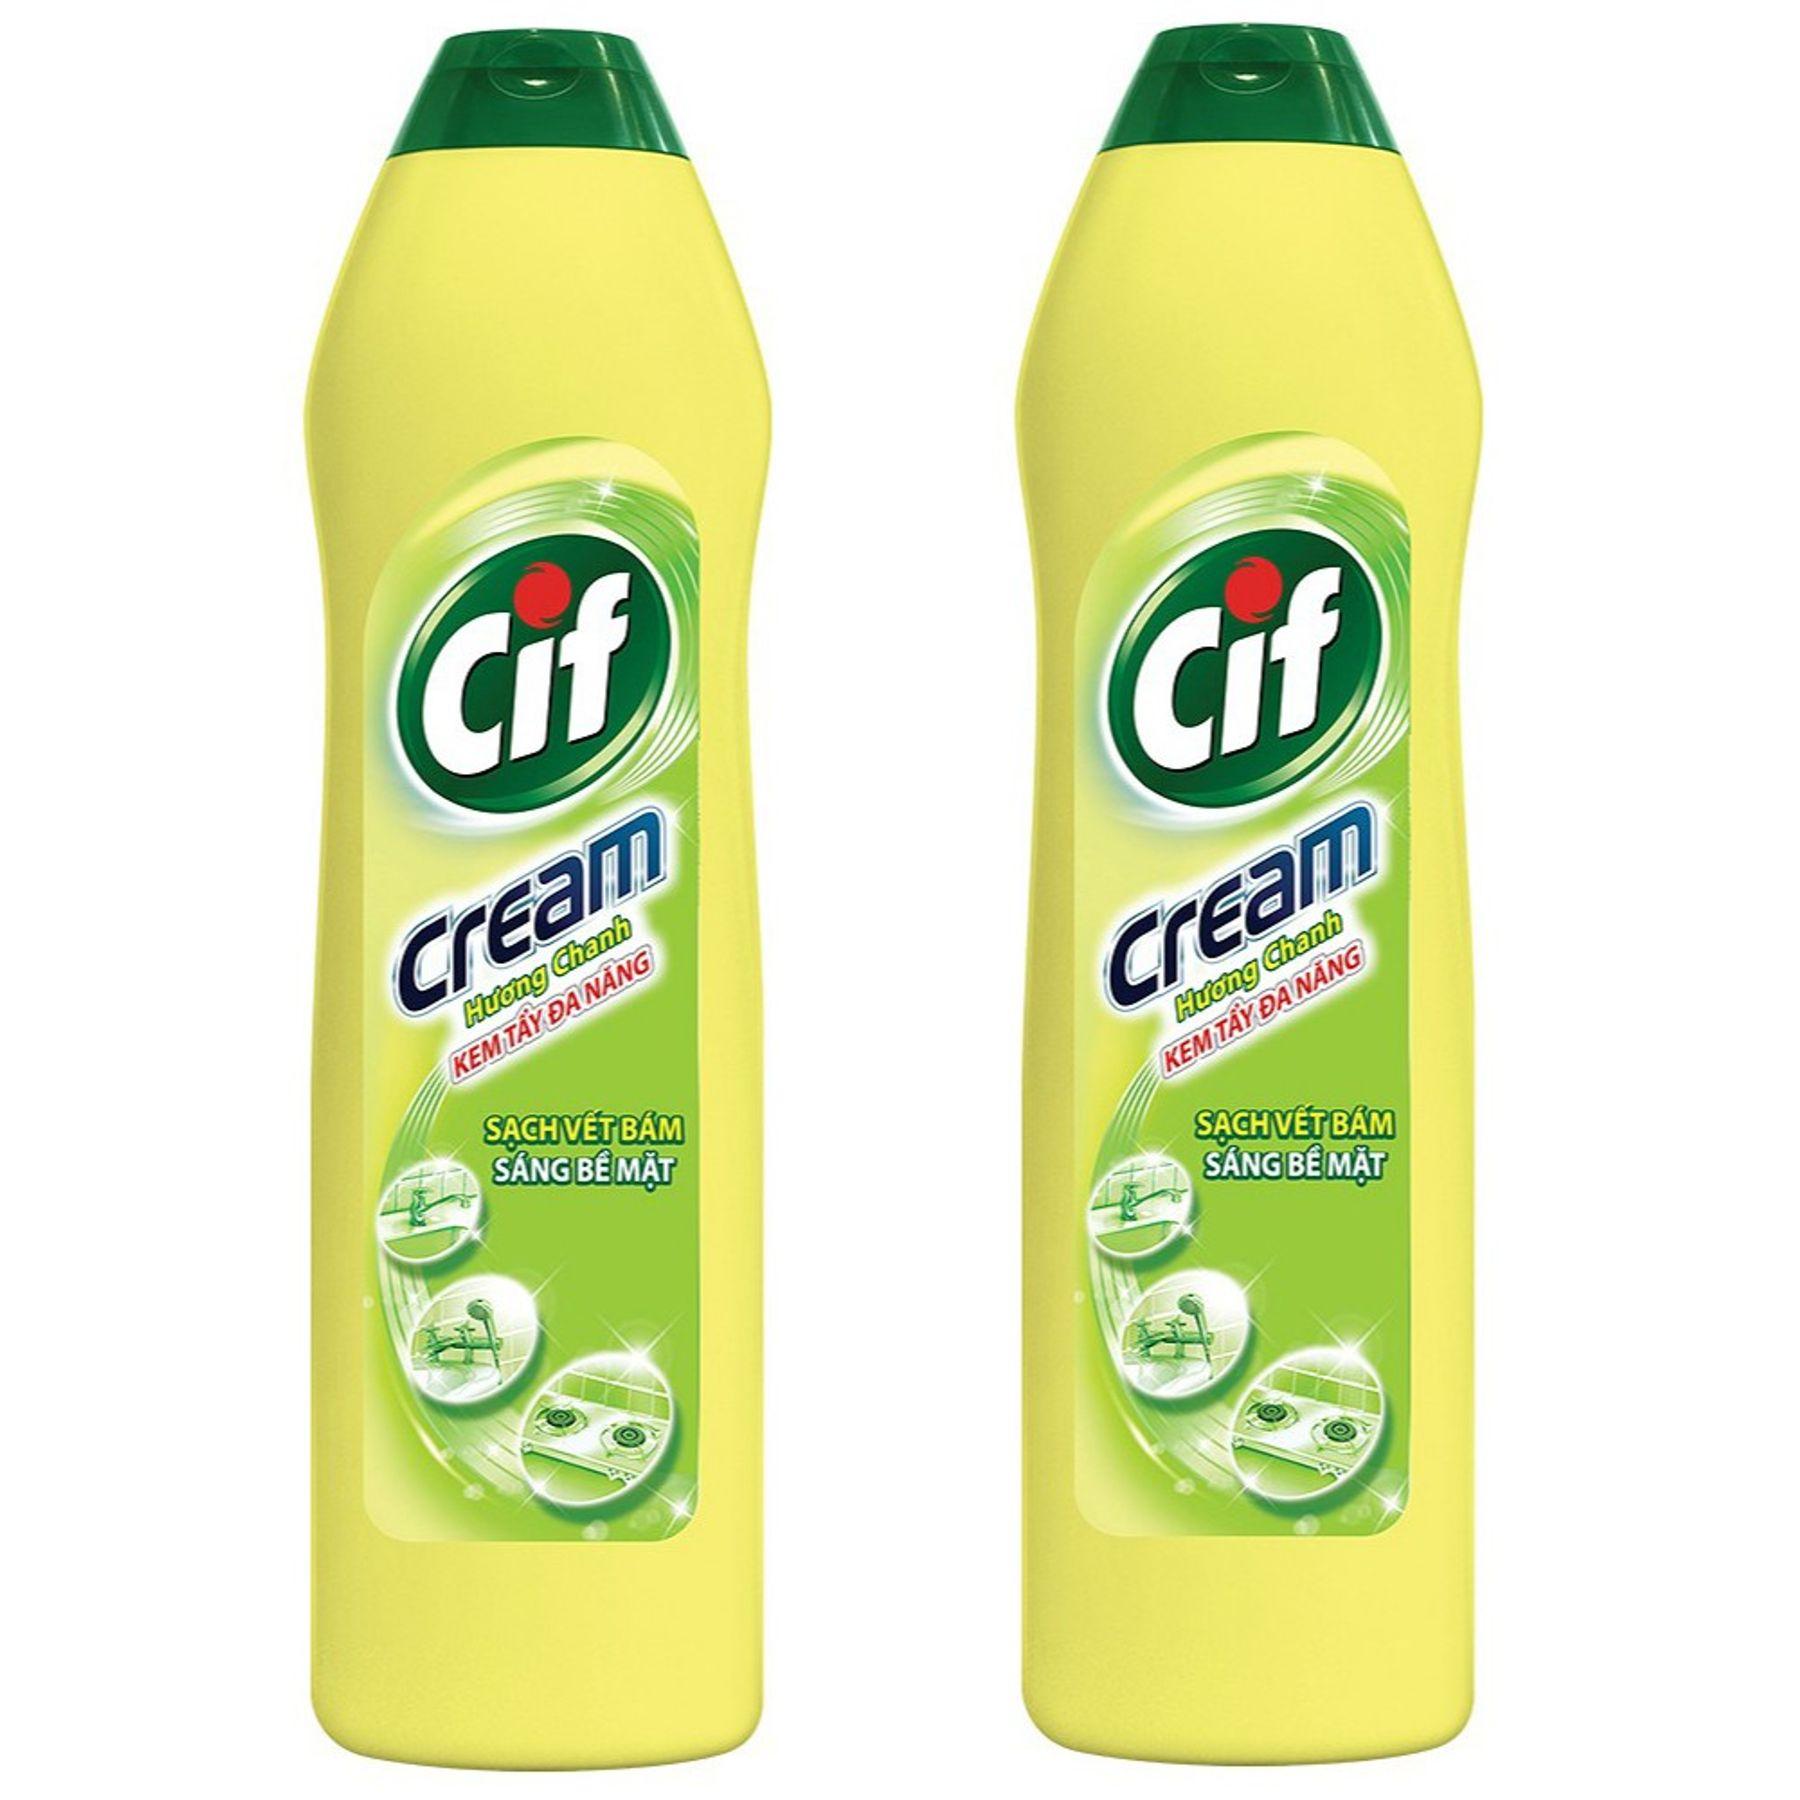 Nước tẩy rửa đa năng CIF hương chanh